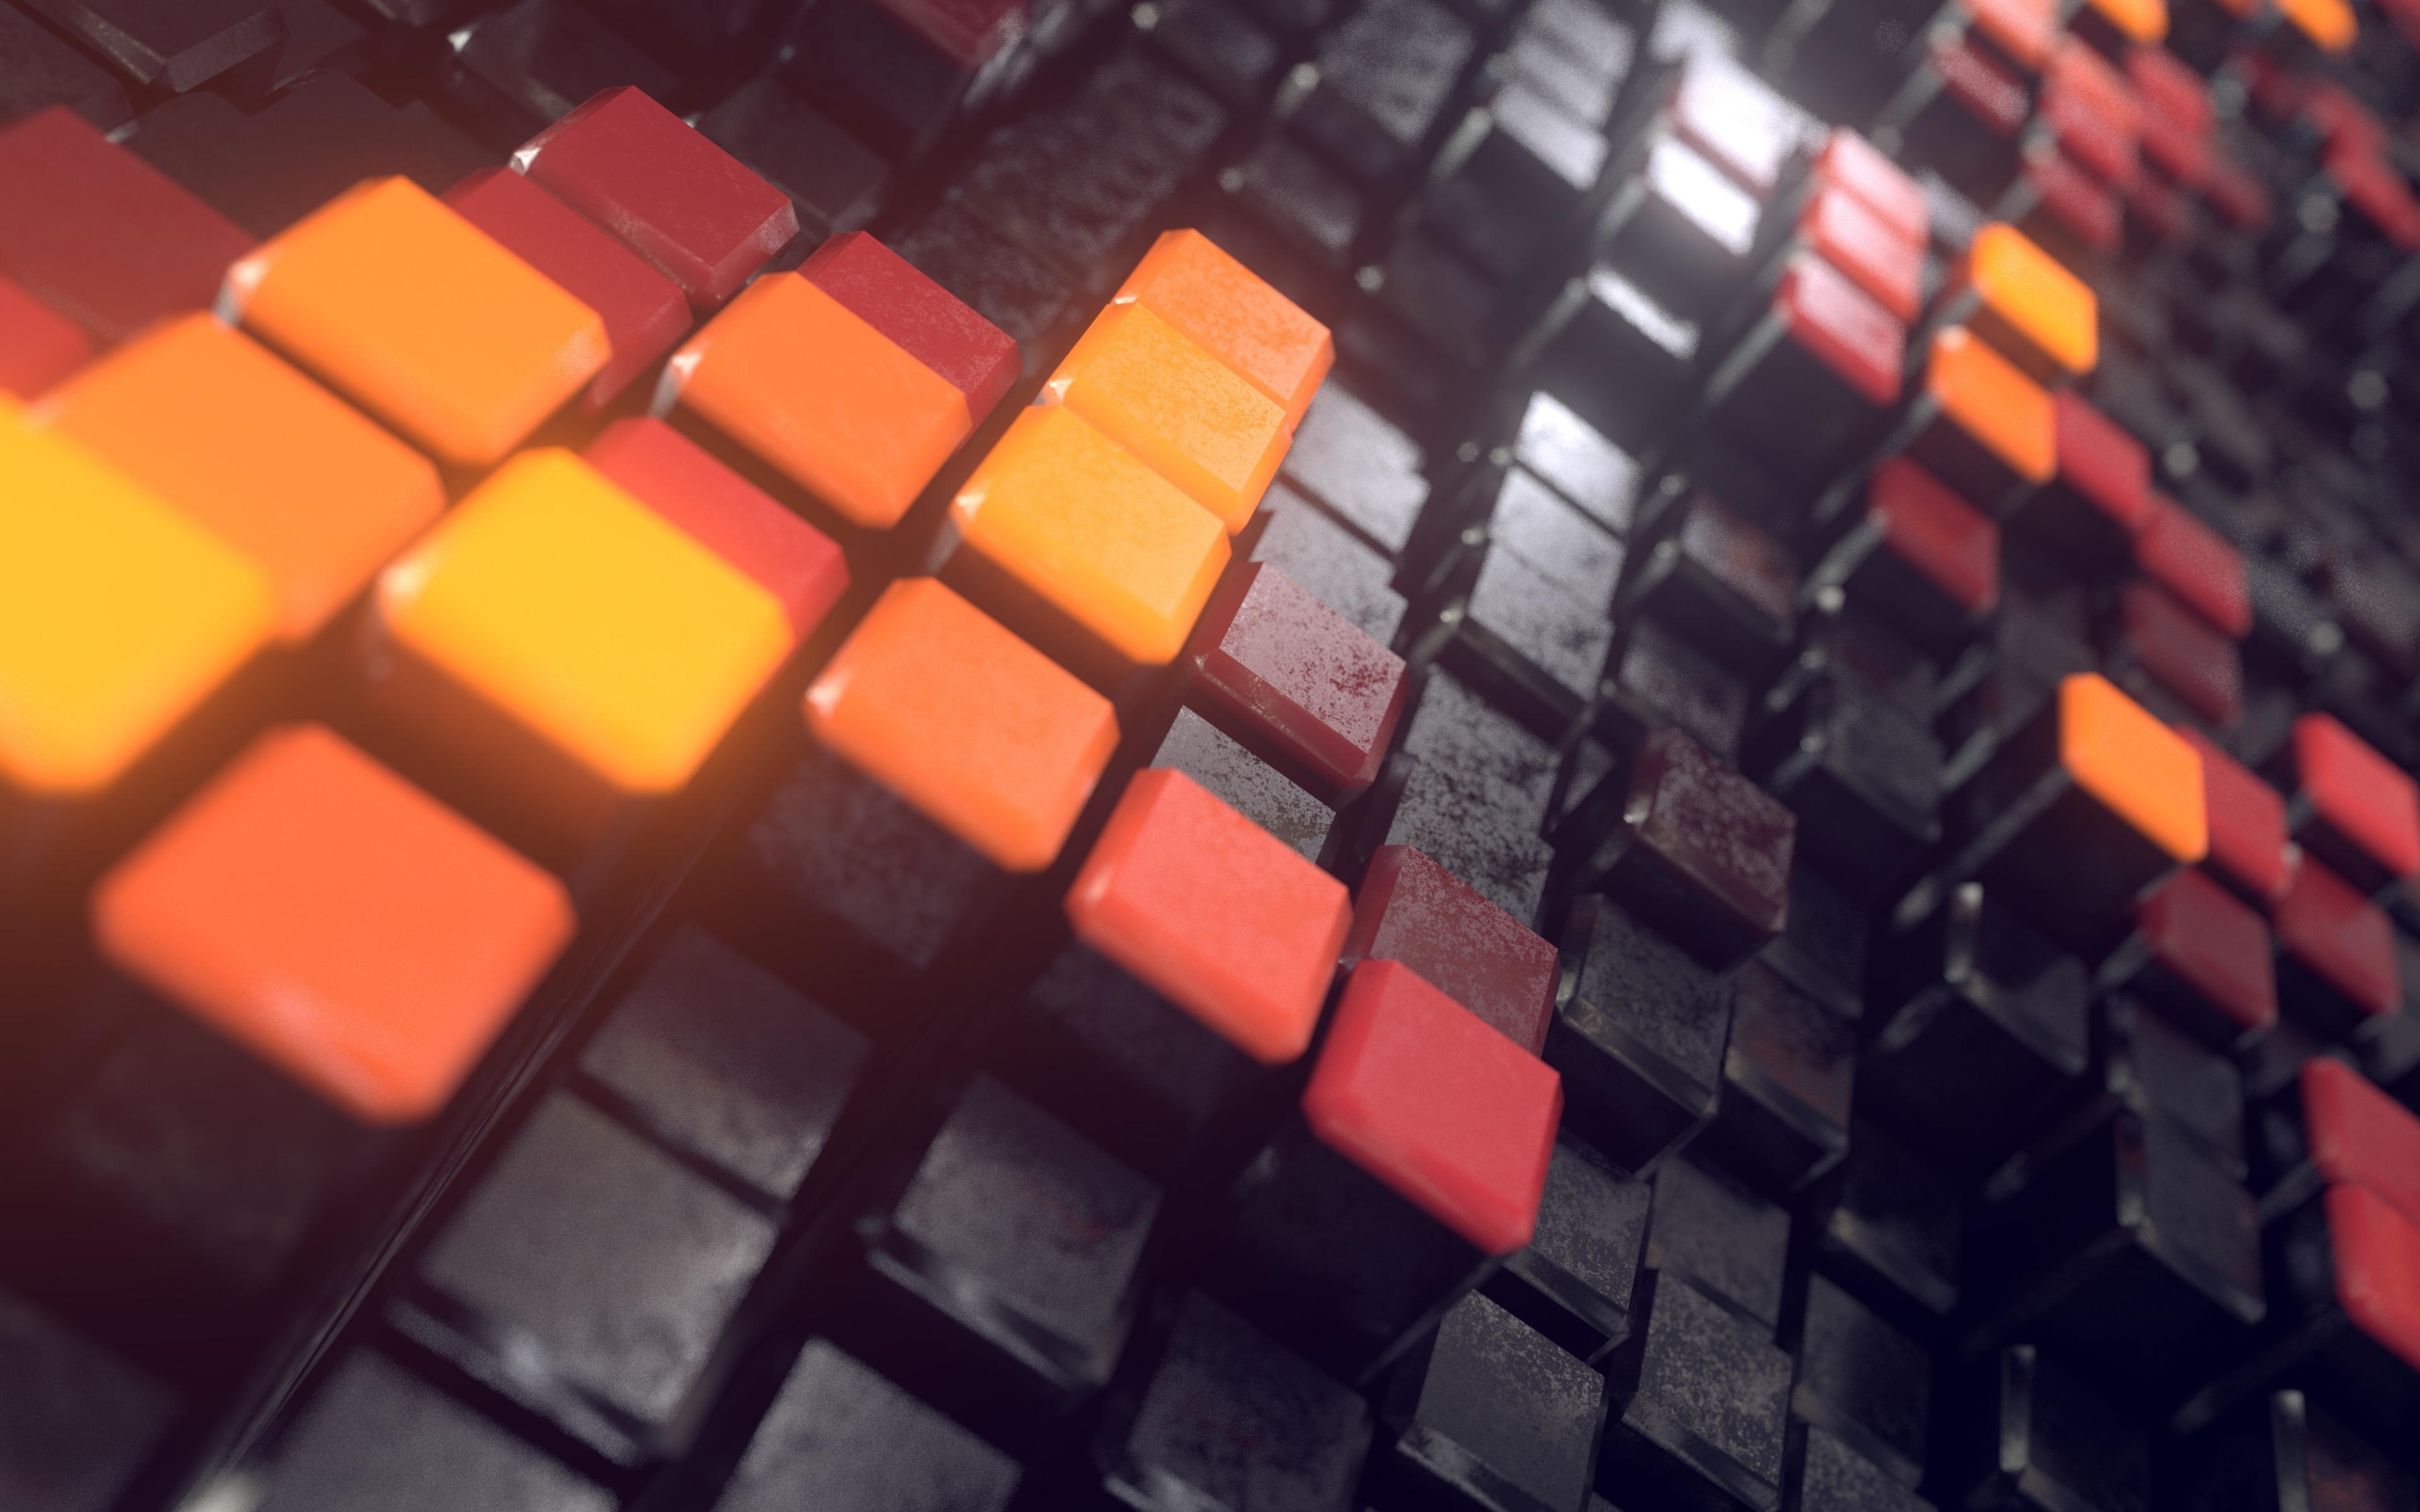 3d-cubes-abstract-4k-c8.jpg